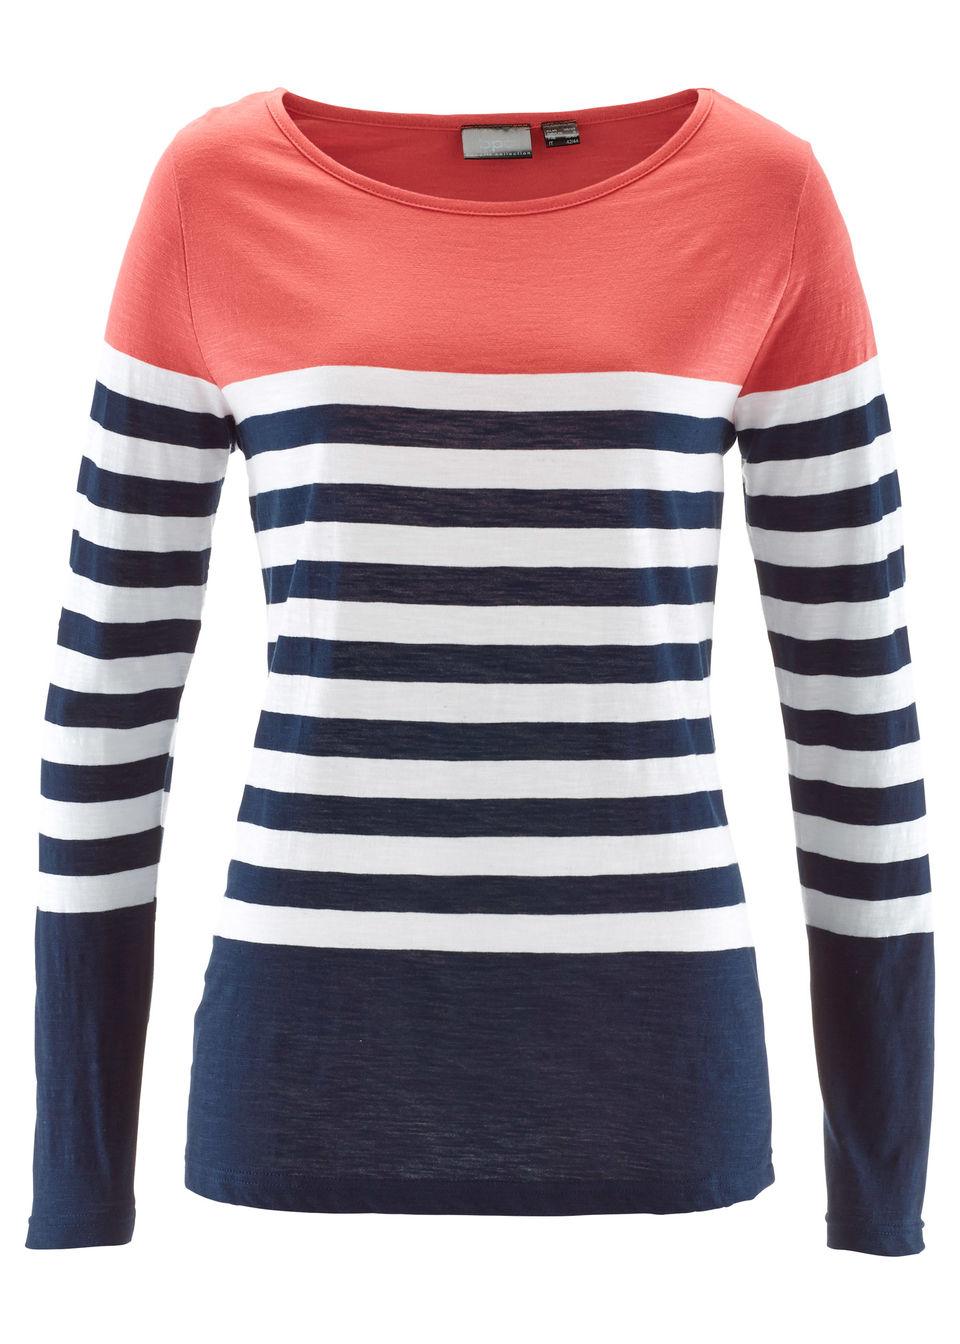 Shirt z długim rękawem, z bawełny bonprix koralowo-biało-ciemnoniebieski w paski